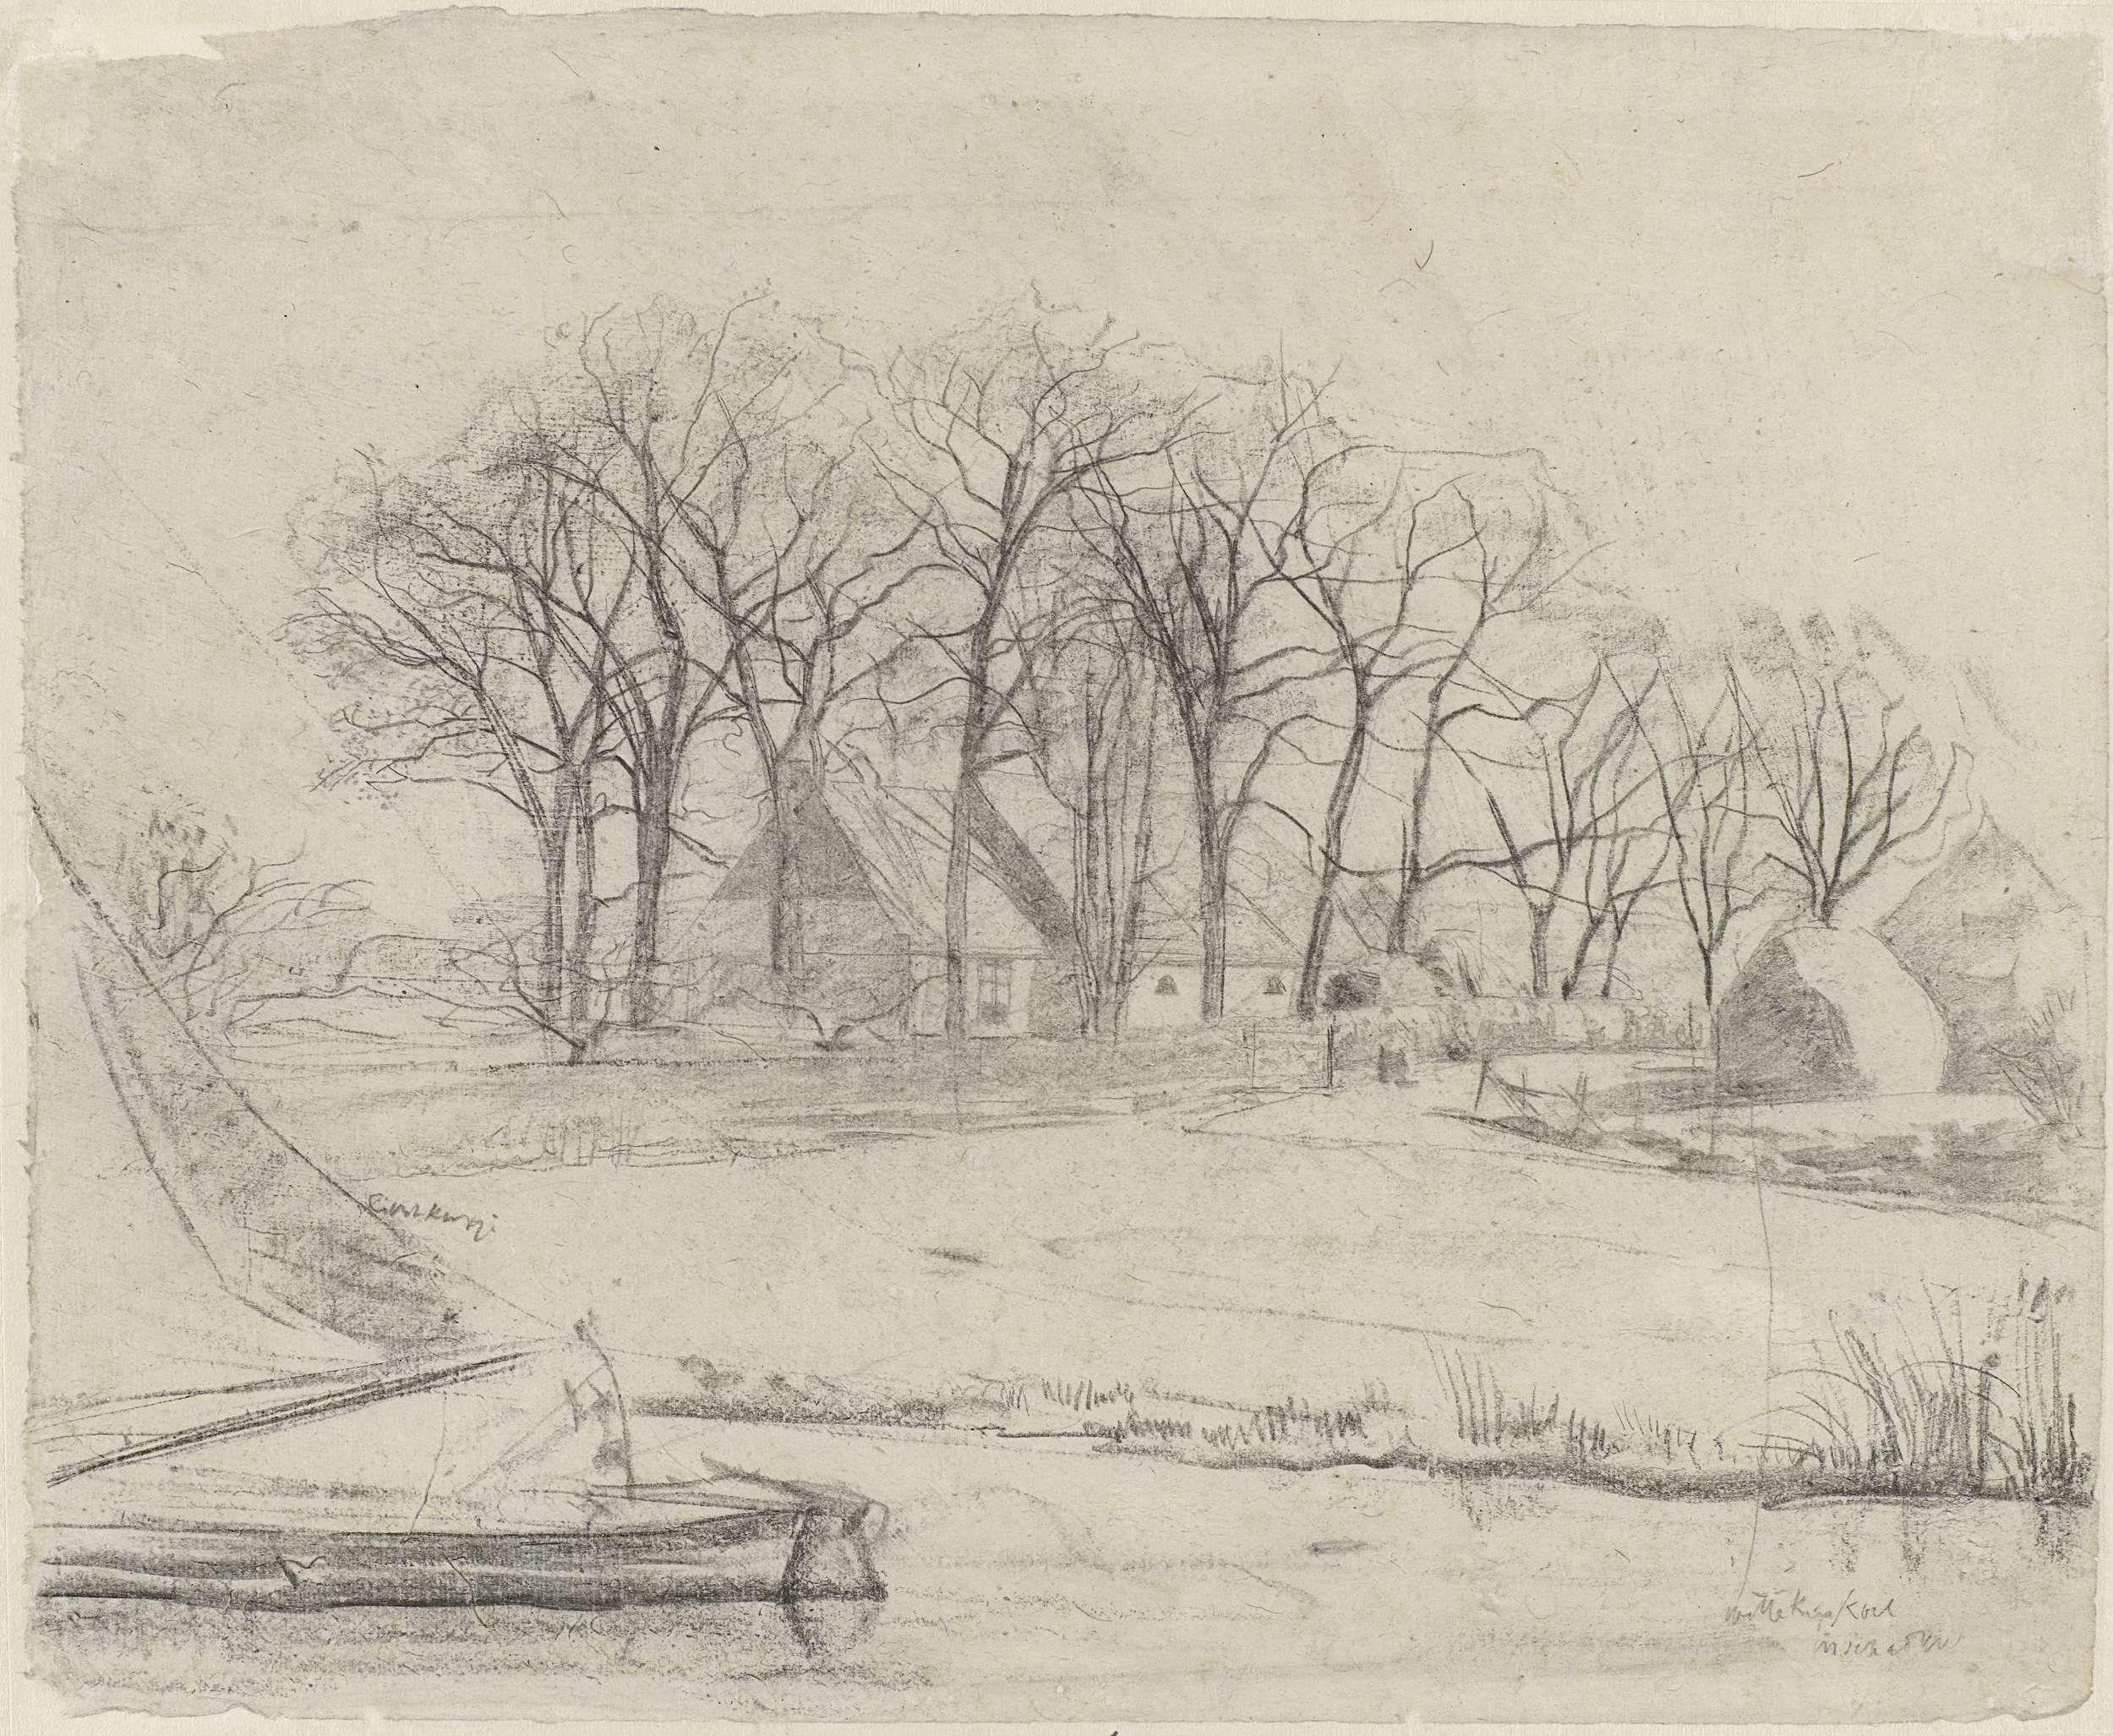 Gerrit Willem Dijsselhof | Boerderij tussen bomen, bij een vaart, Gerrit Willem Dijsselhof, 1876 - 1924 |